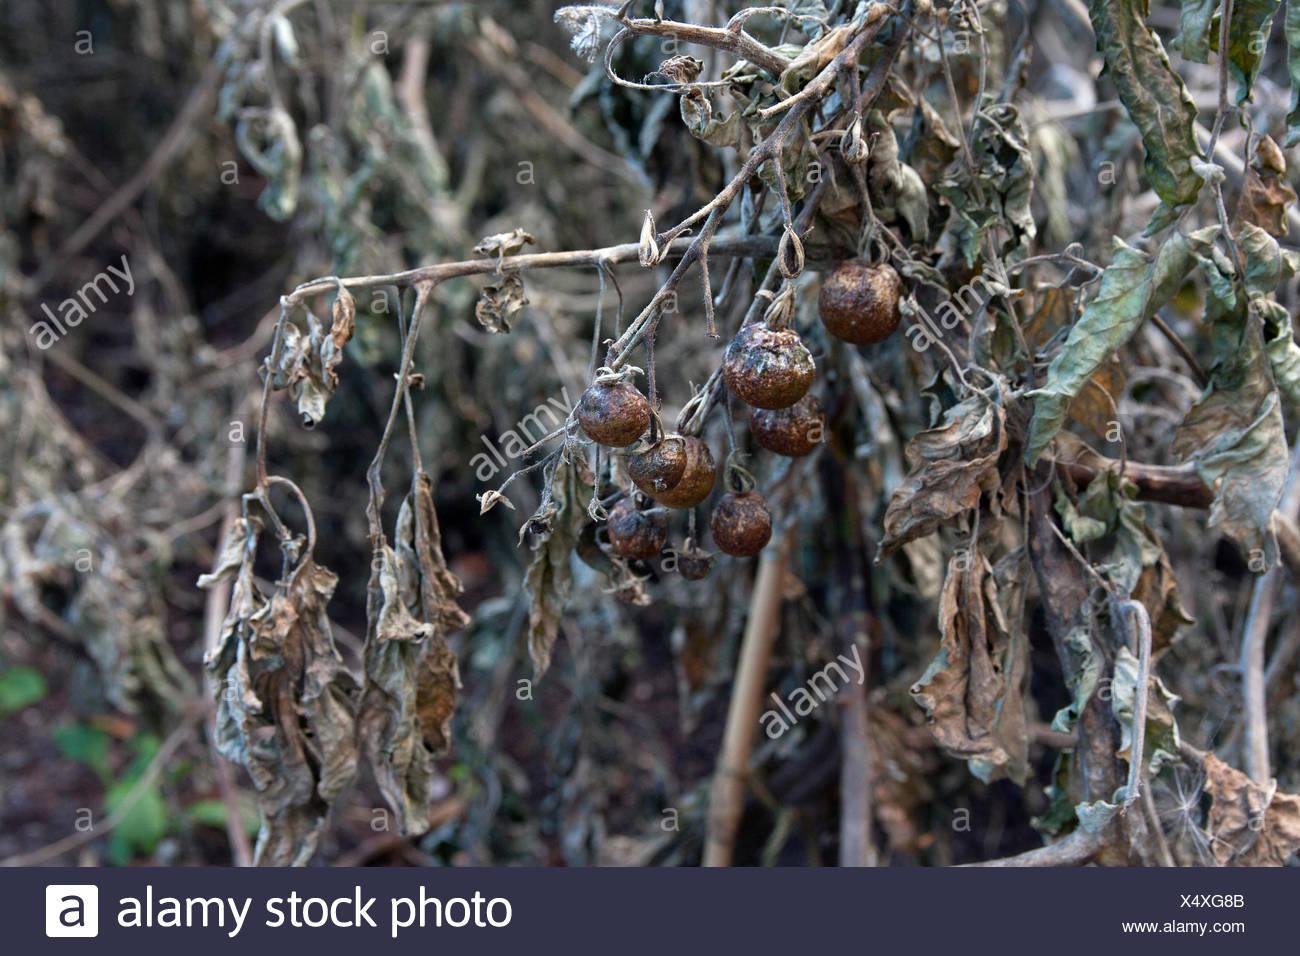 Tomaten von Tomato spotted wilt Virus infiziert (TSWV) verursacht durch Thripse, Warwickshire Stockbild